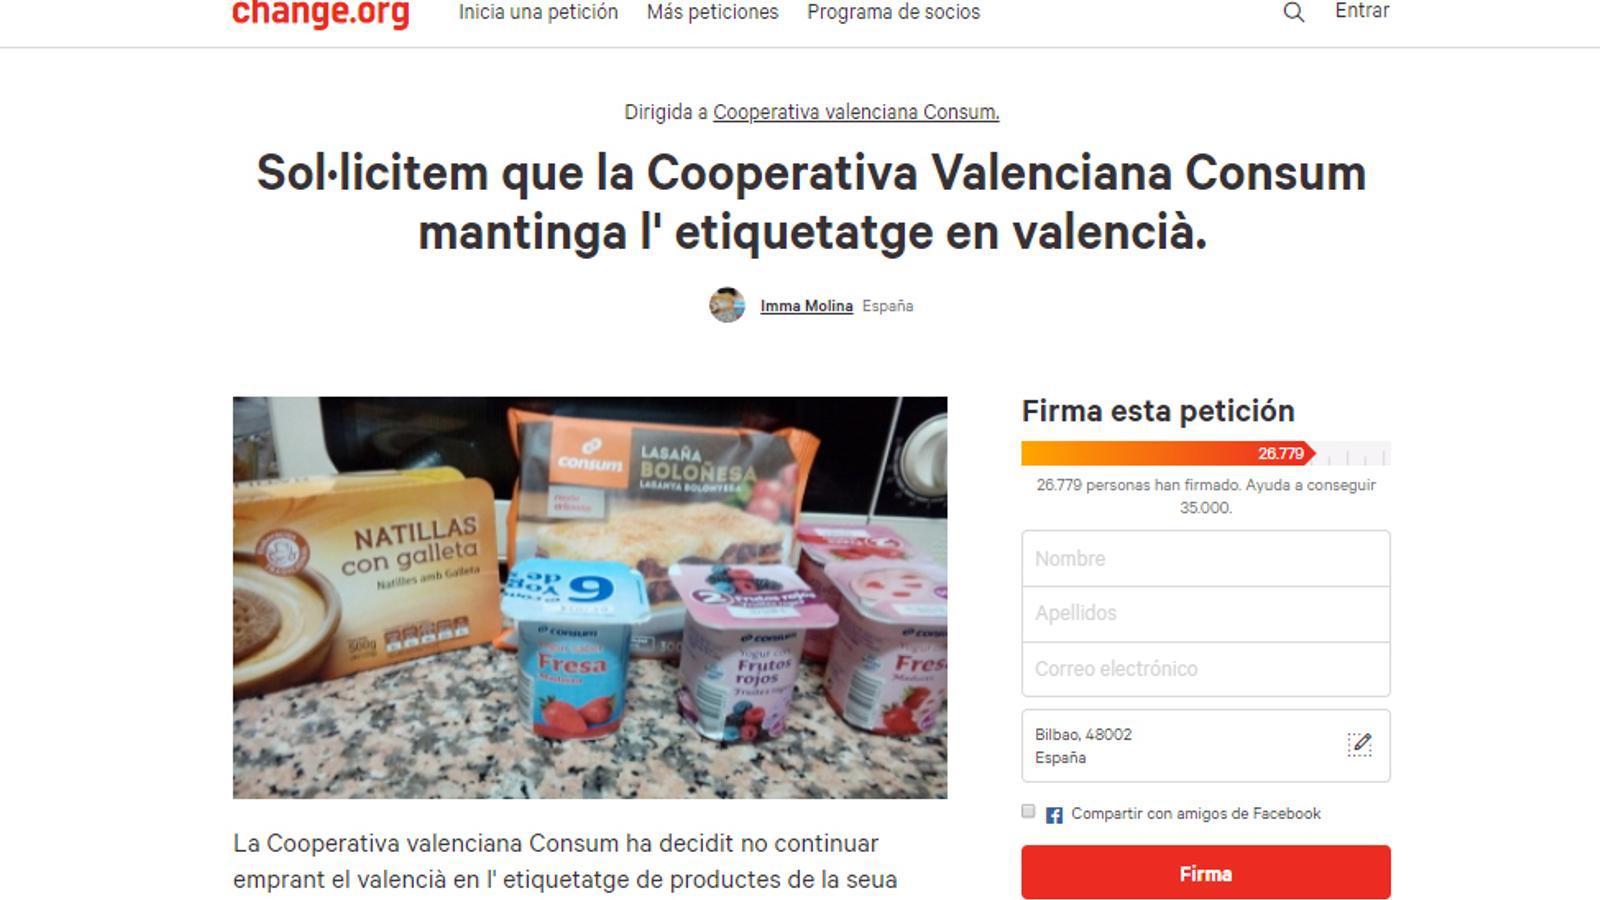 La campanya perquè Consum mantingui l'etiquetatge en valencià s'acosta a les 30.000 signatures